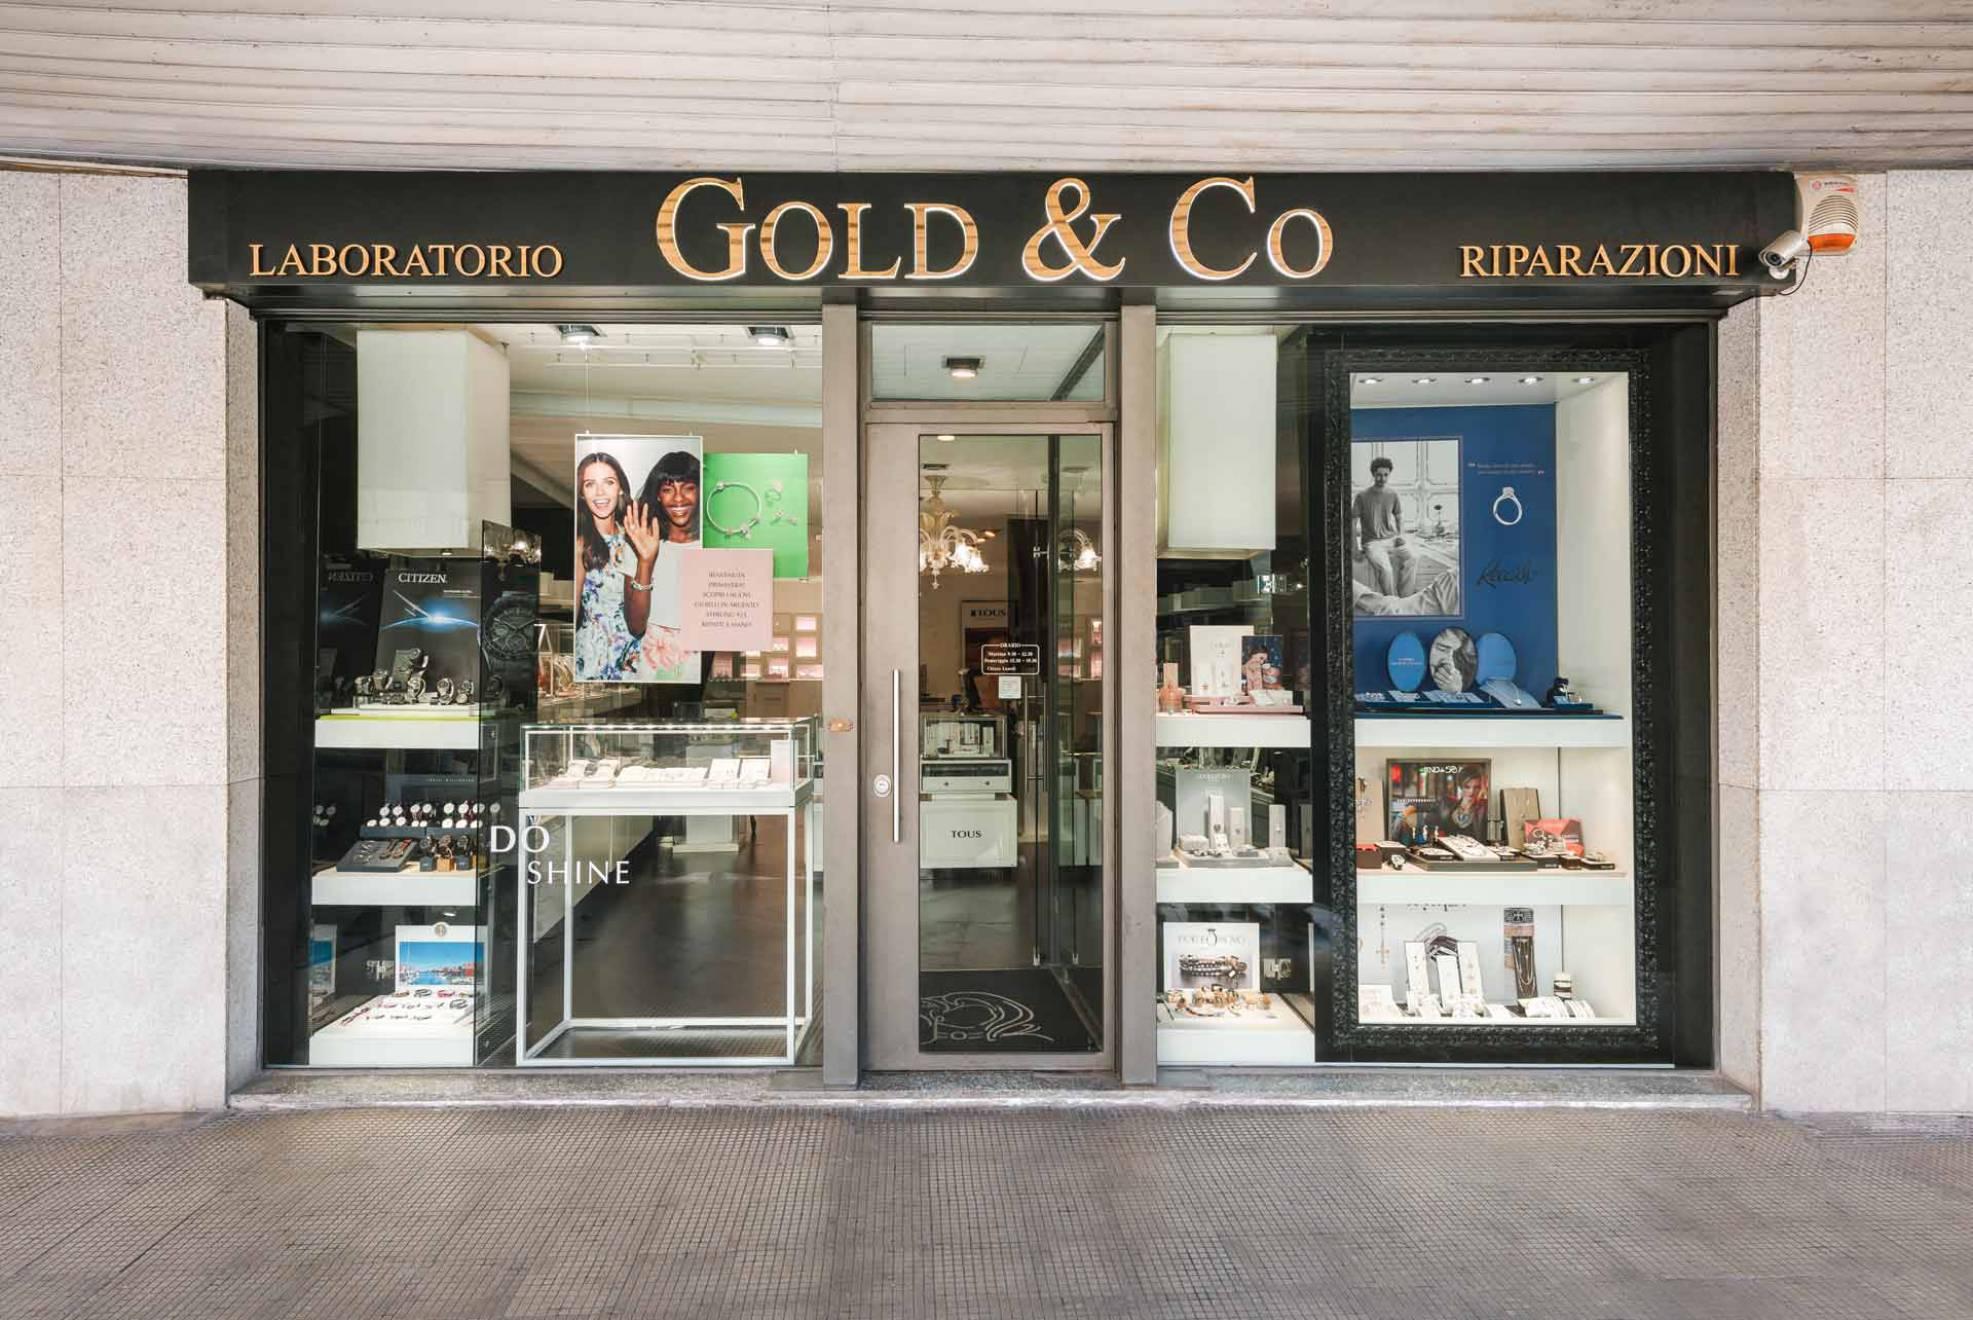 Servizio fotografico per la gioielleria gold&co; realizzato da NewVisibility